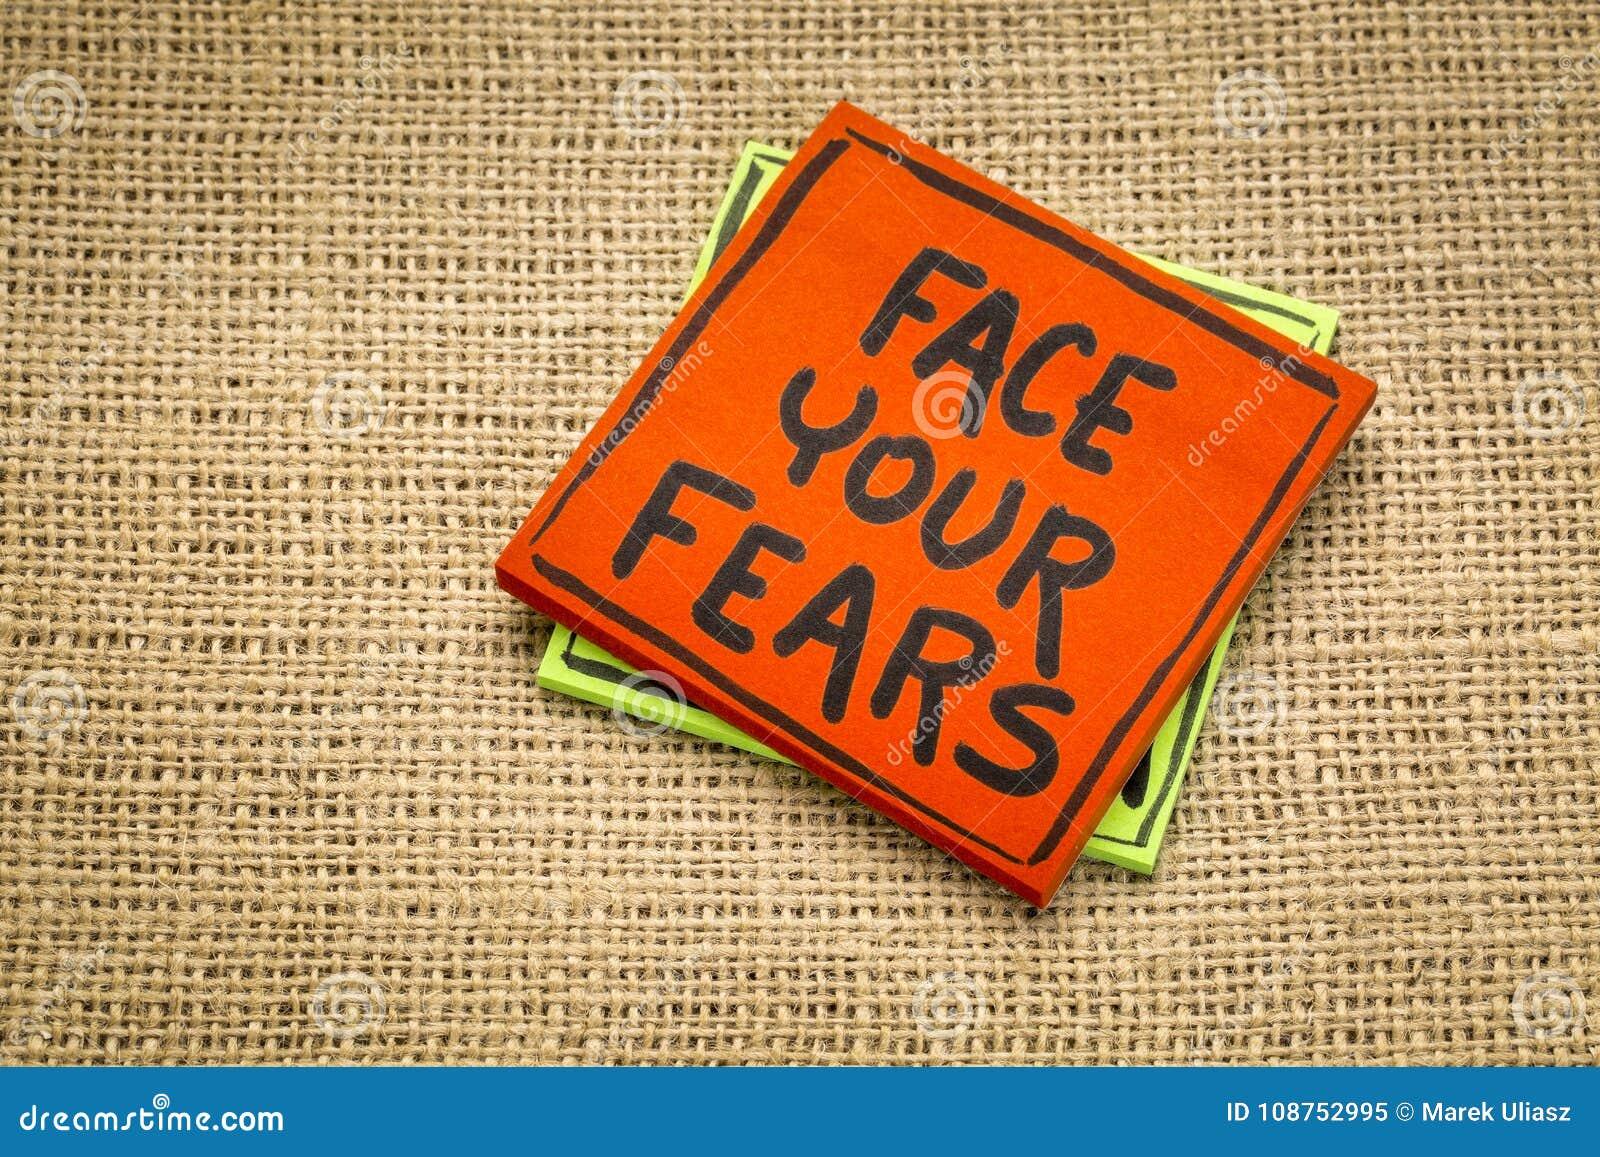 Stawia czoło twój strachu przypomnienia notatkę